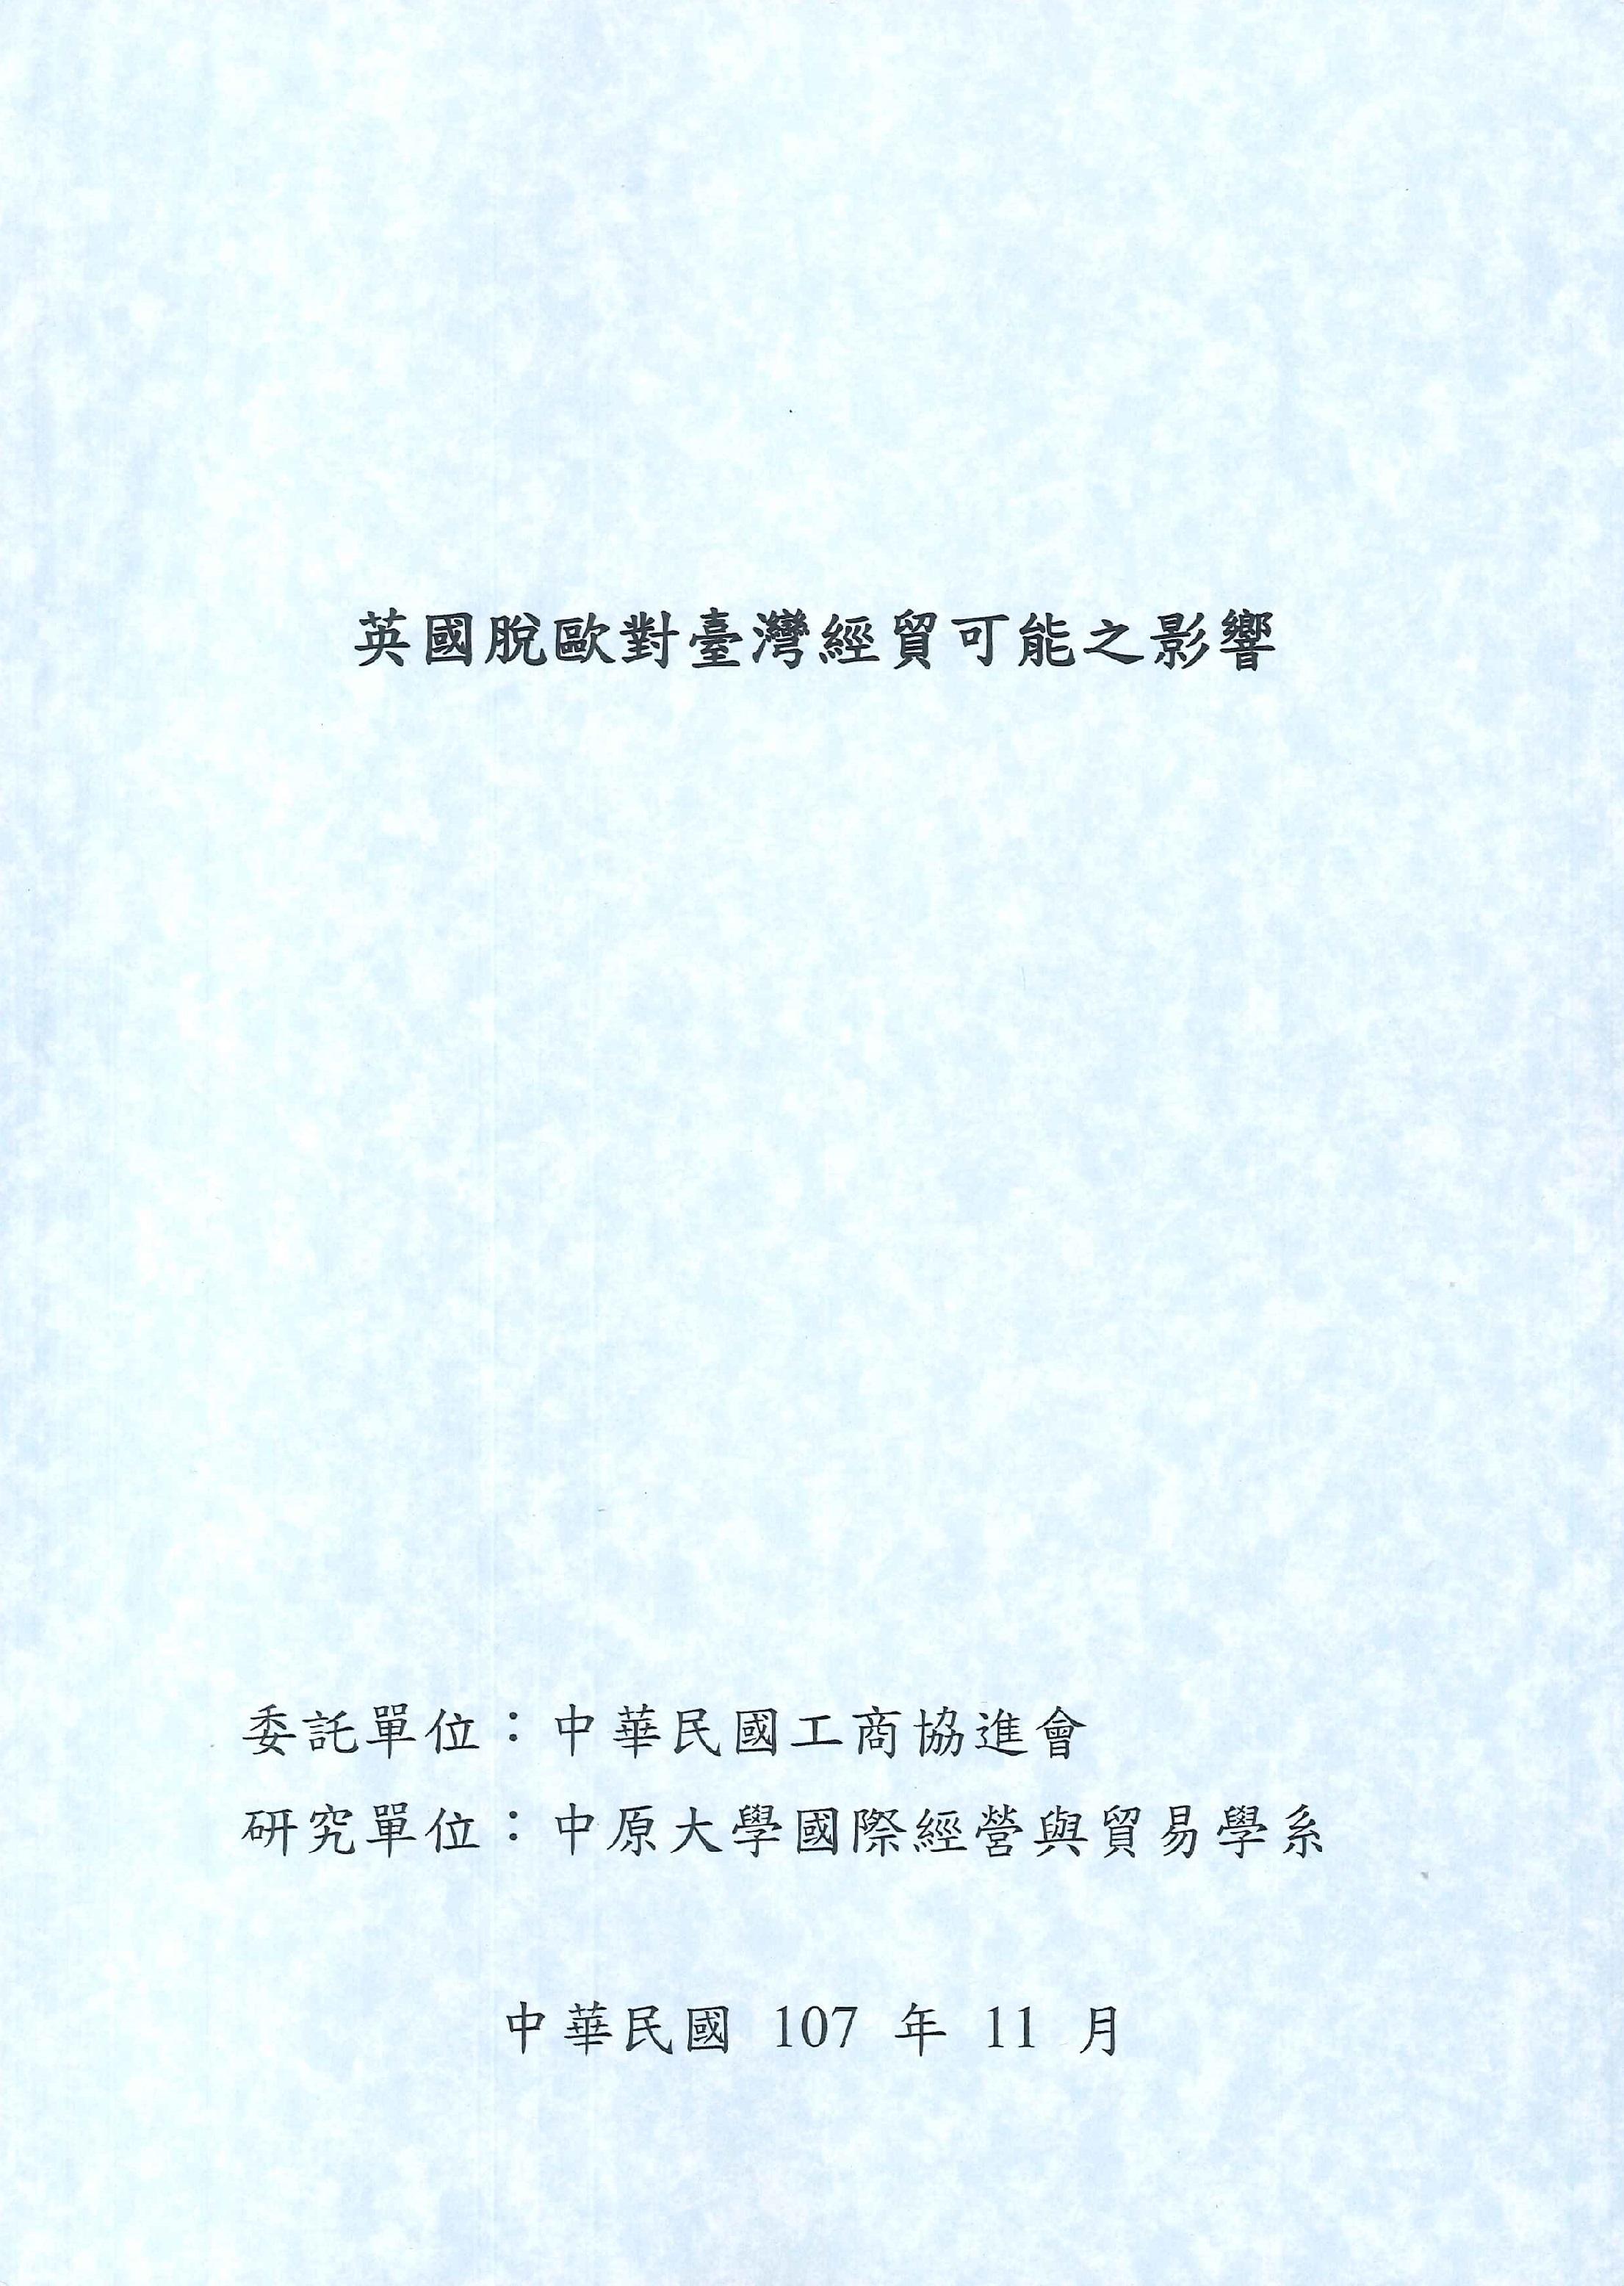 英國脫歐對臺灣經貿可能之影響